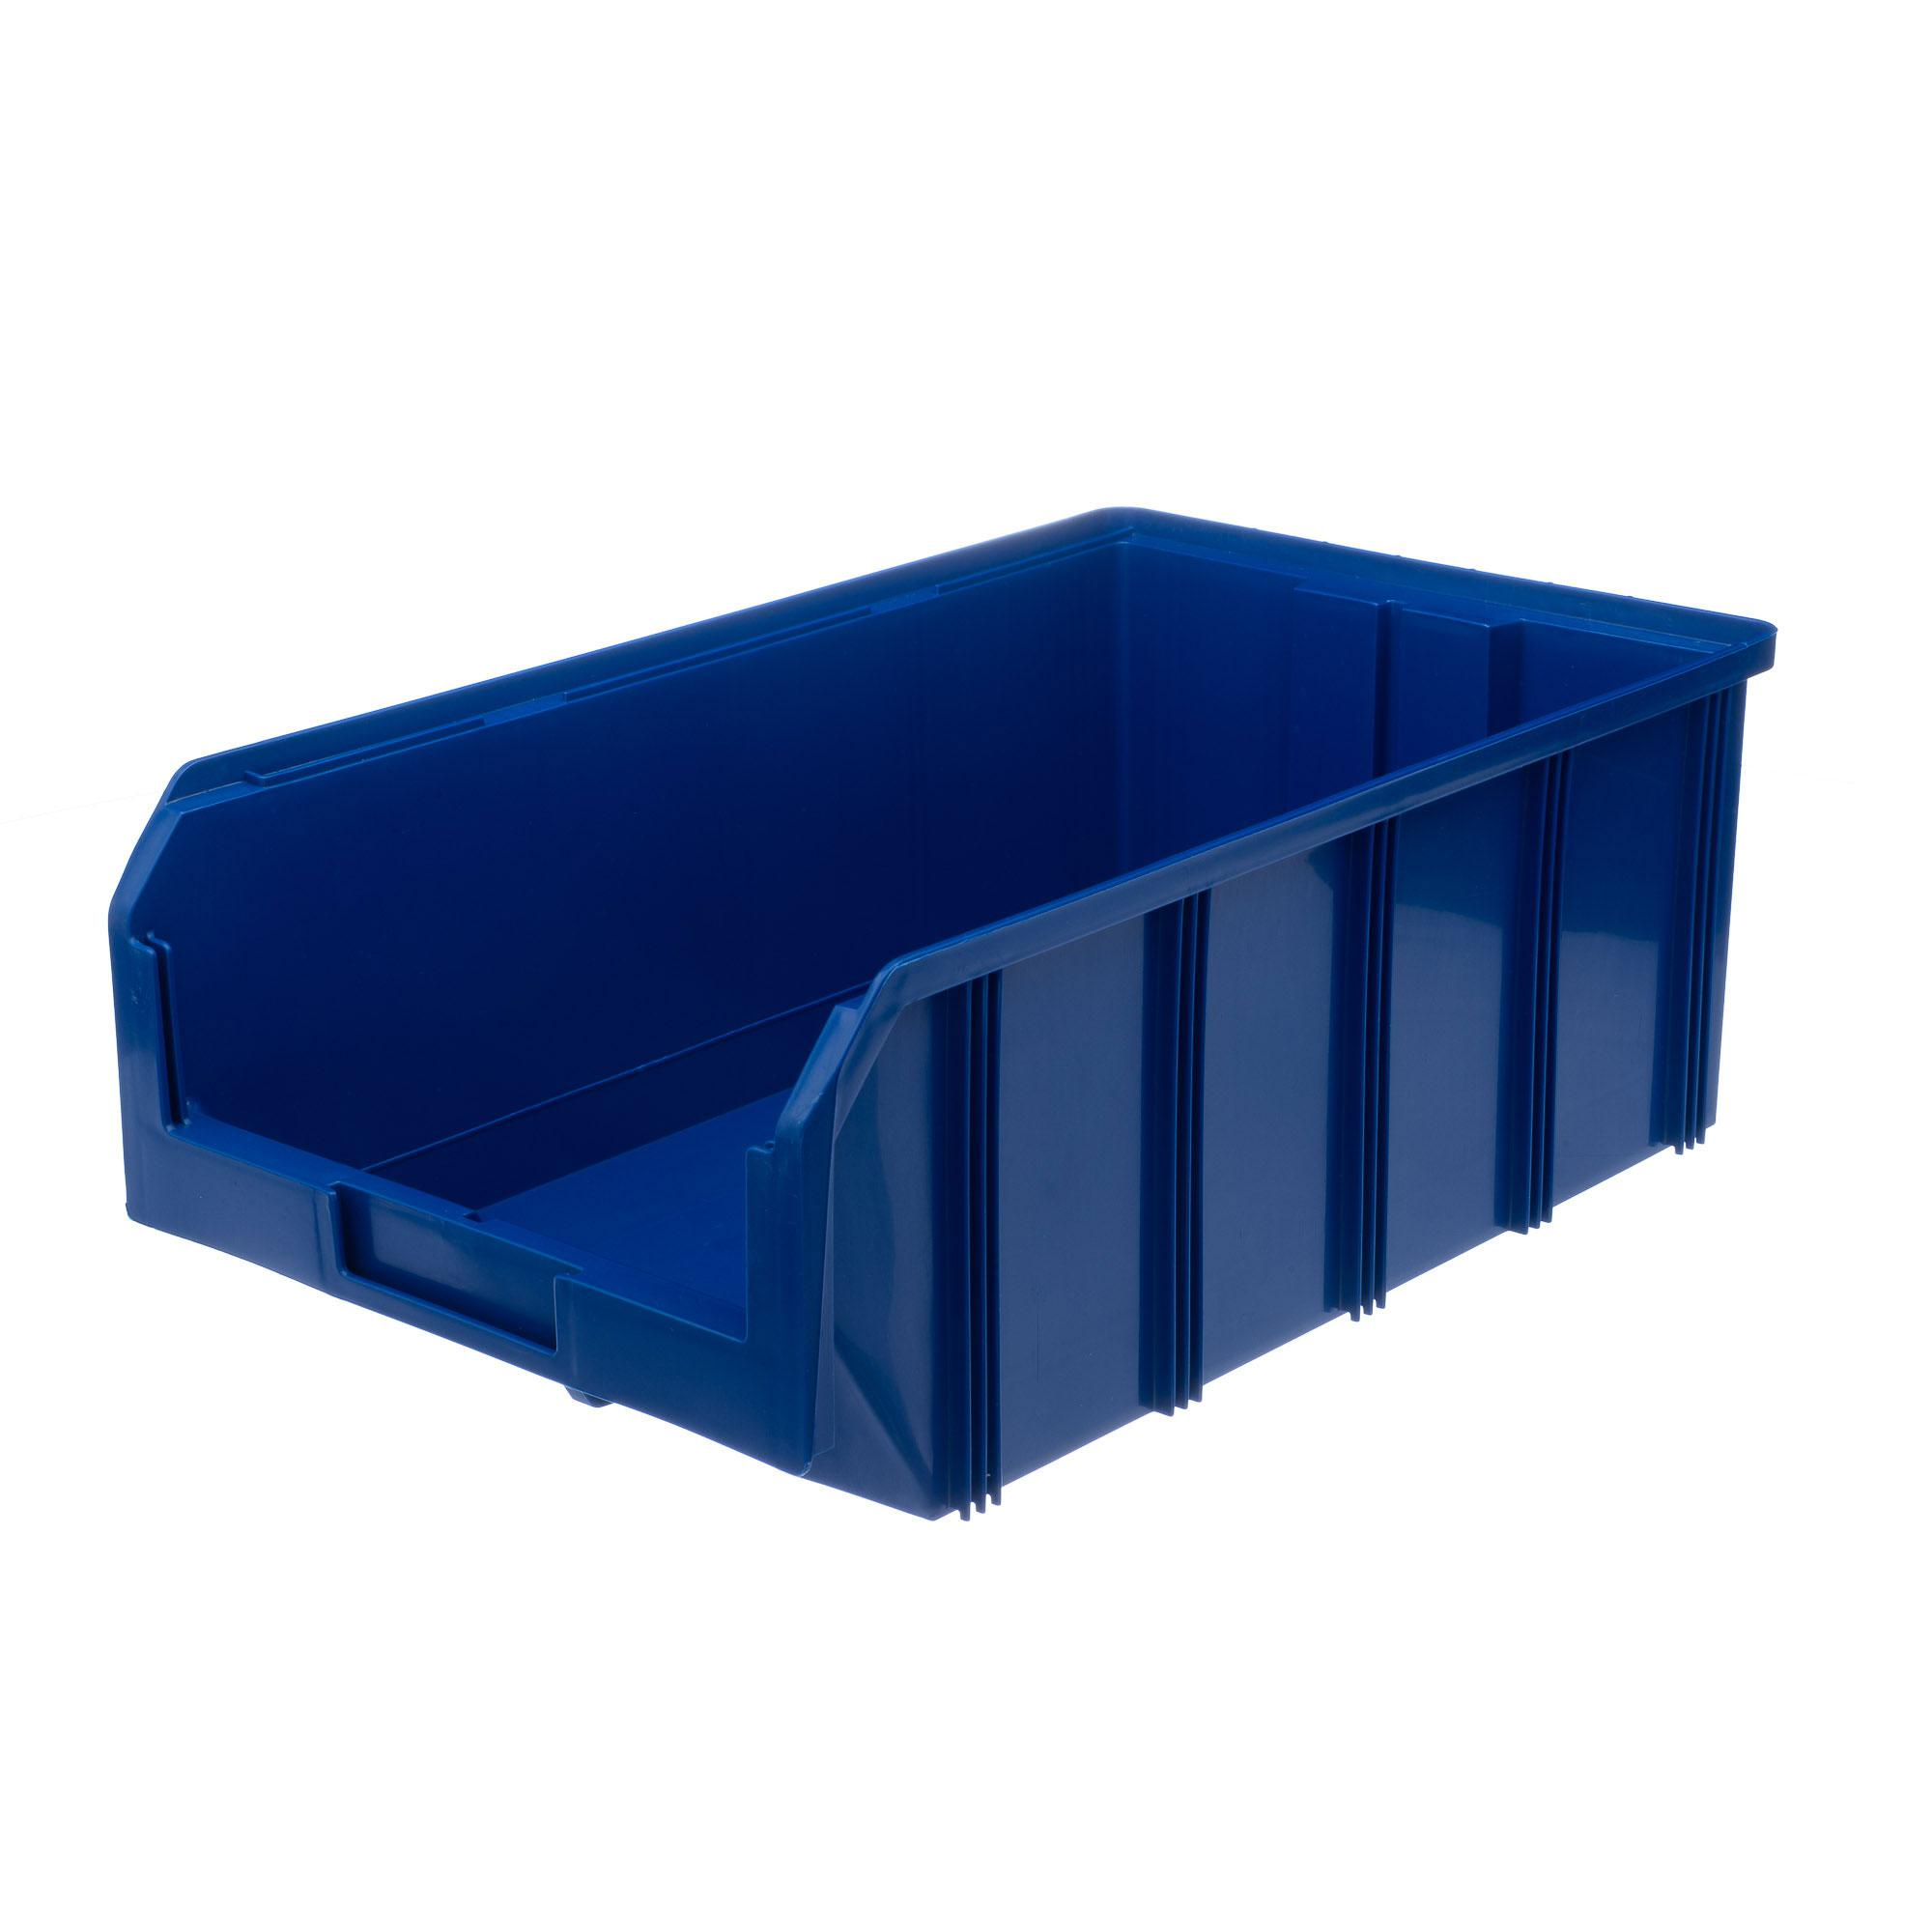 цена на Ящик СТЕЛЛА V-4 синий